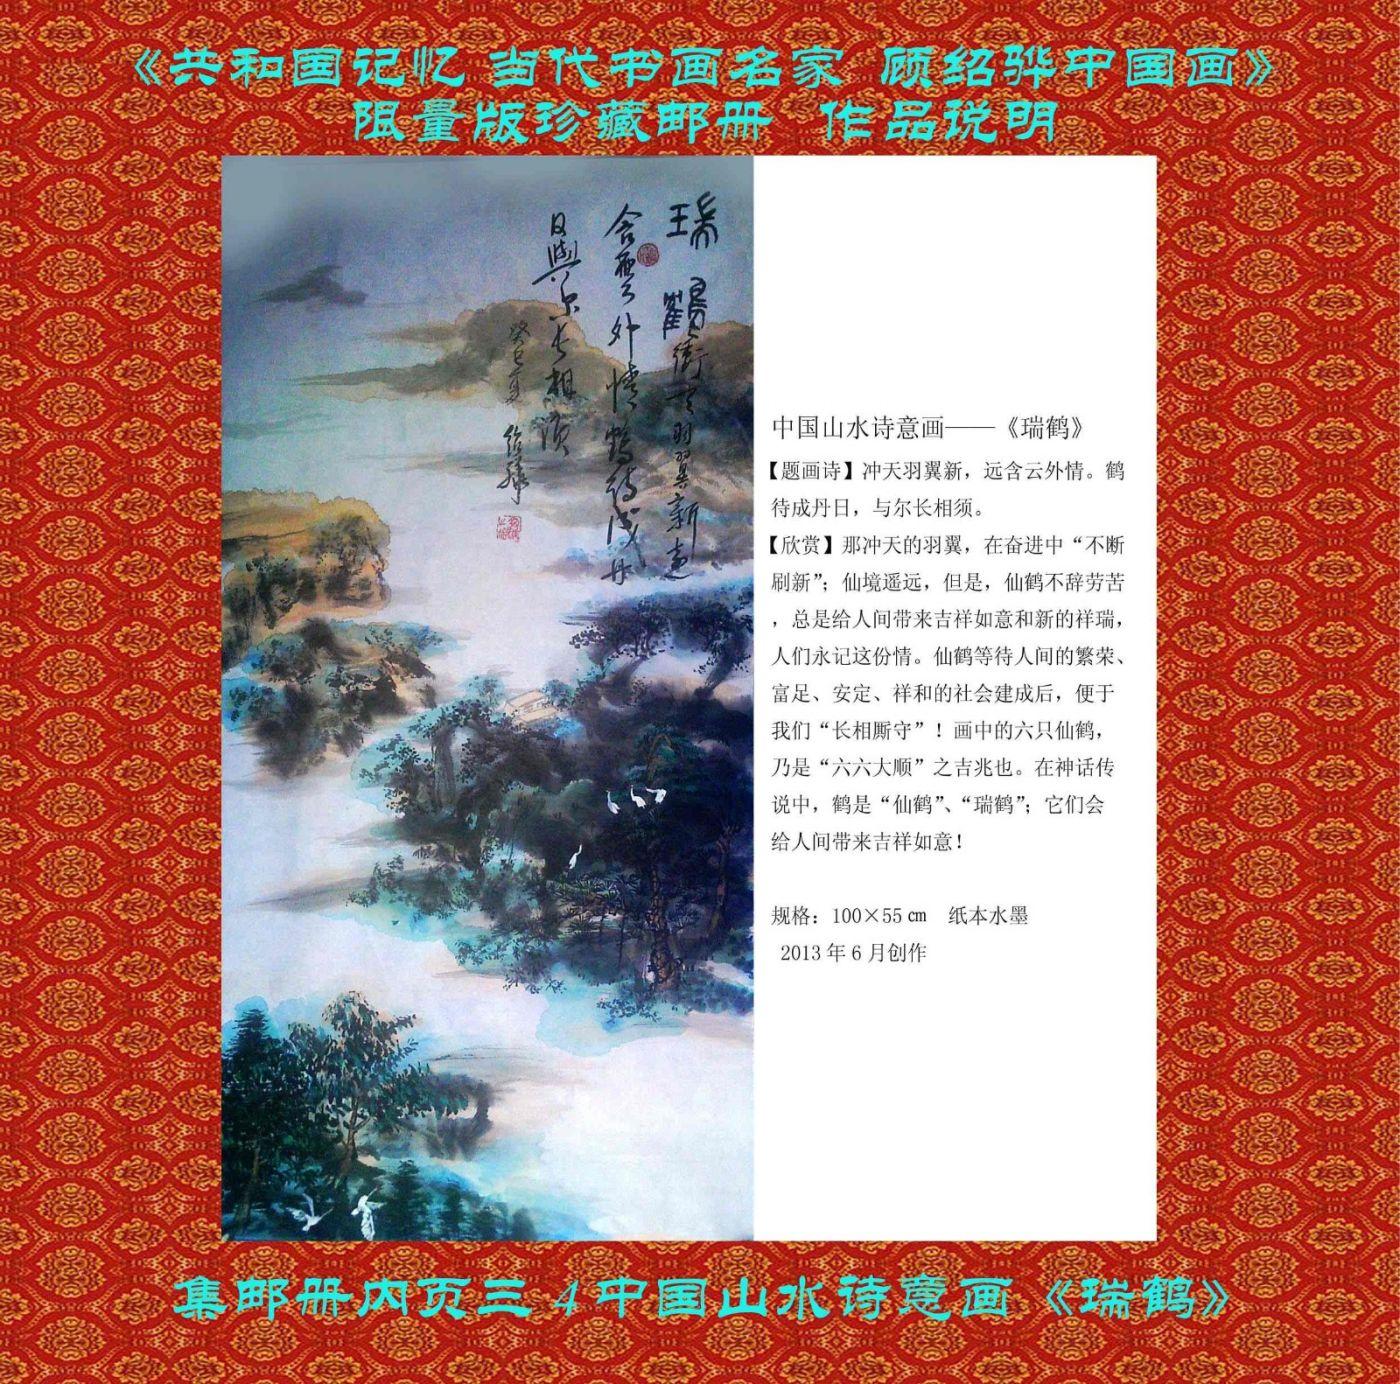 """""""顾绍骅的诗情画意""""入选《共和国记忆 ·中国书画艺术名家》限量版集邮珍藏册 ..._图1-20"""